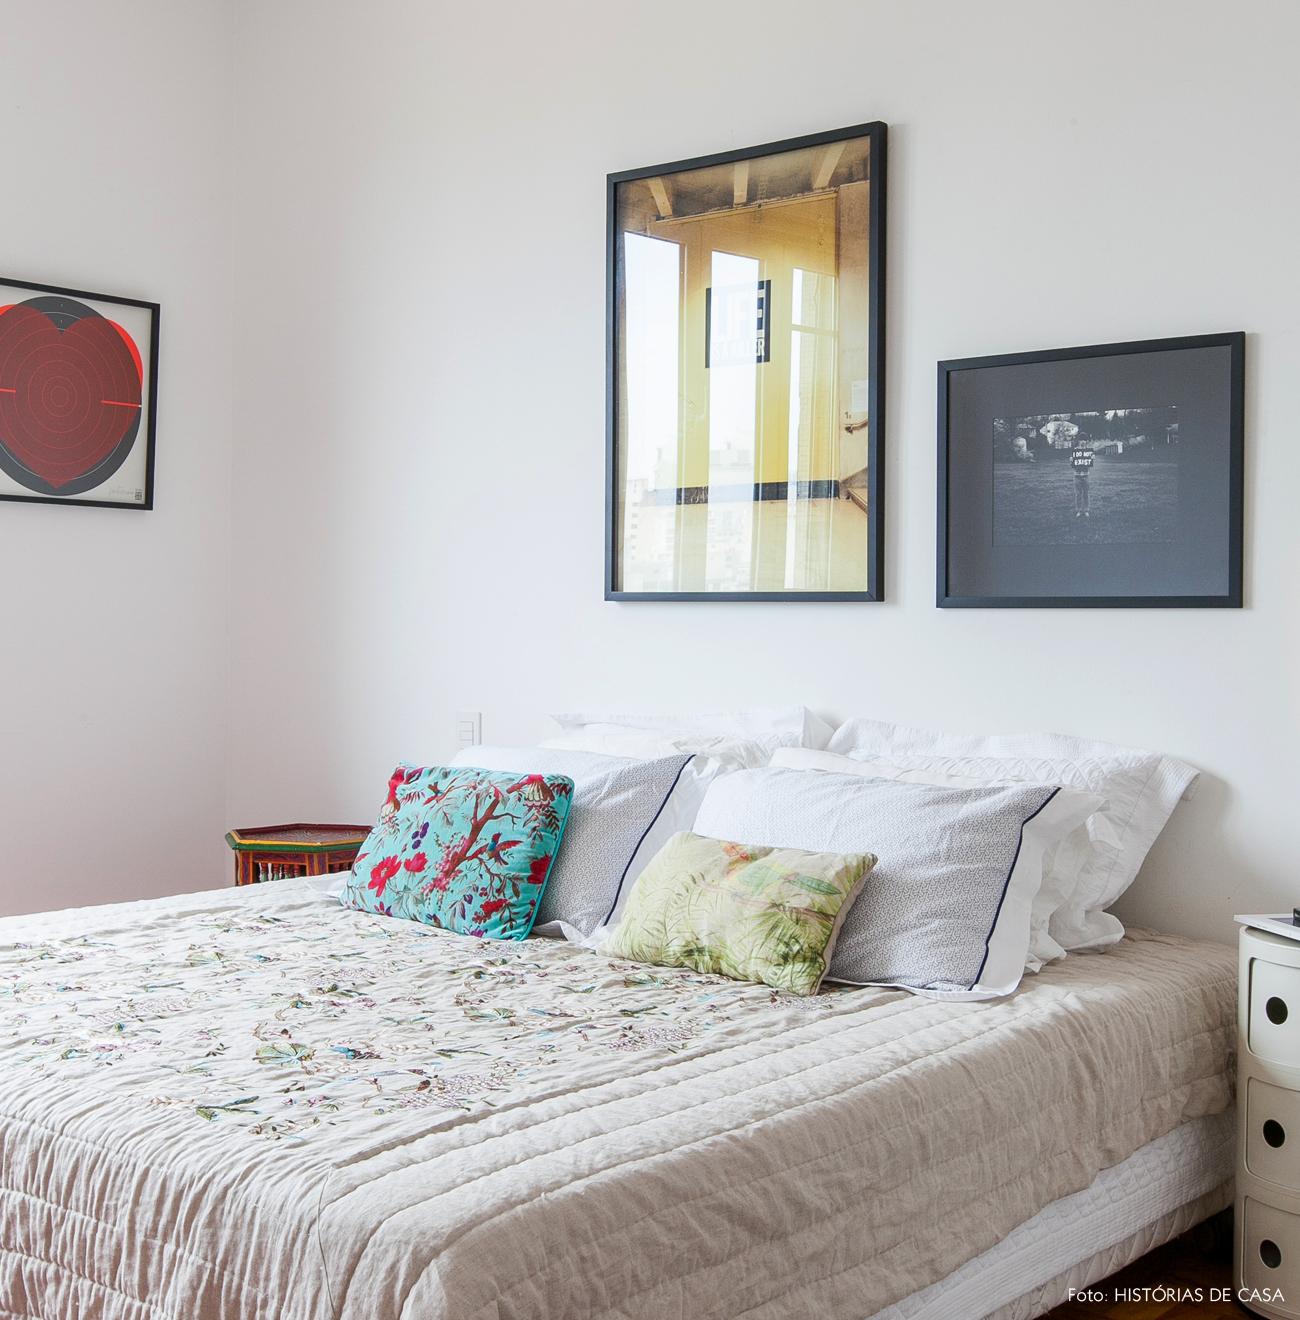 34-decoracao-apartamento-quarto-branco-tecidos-estampados